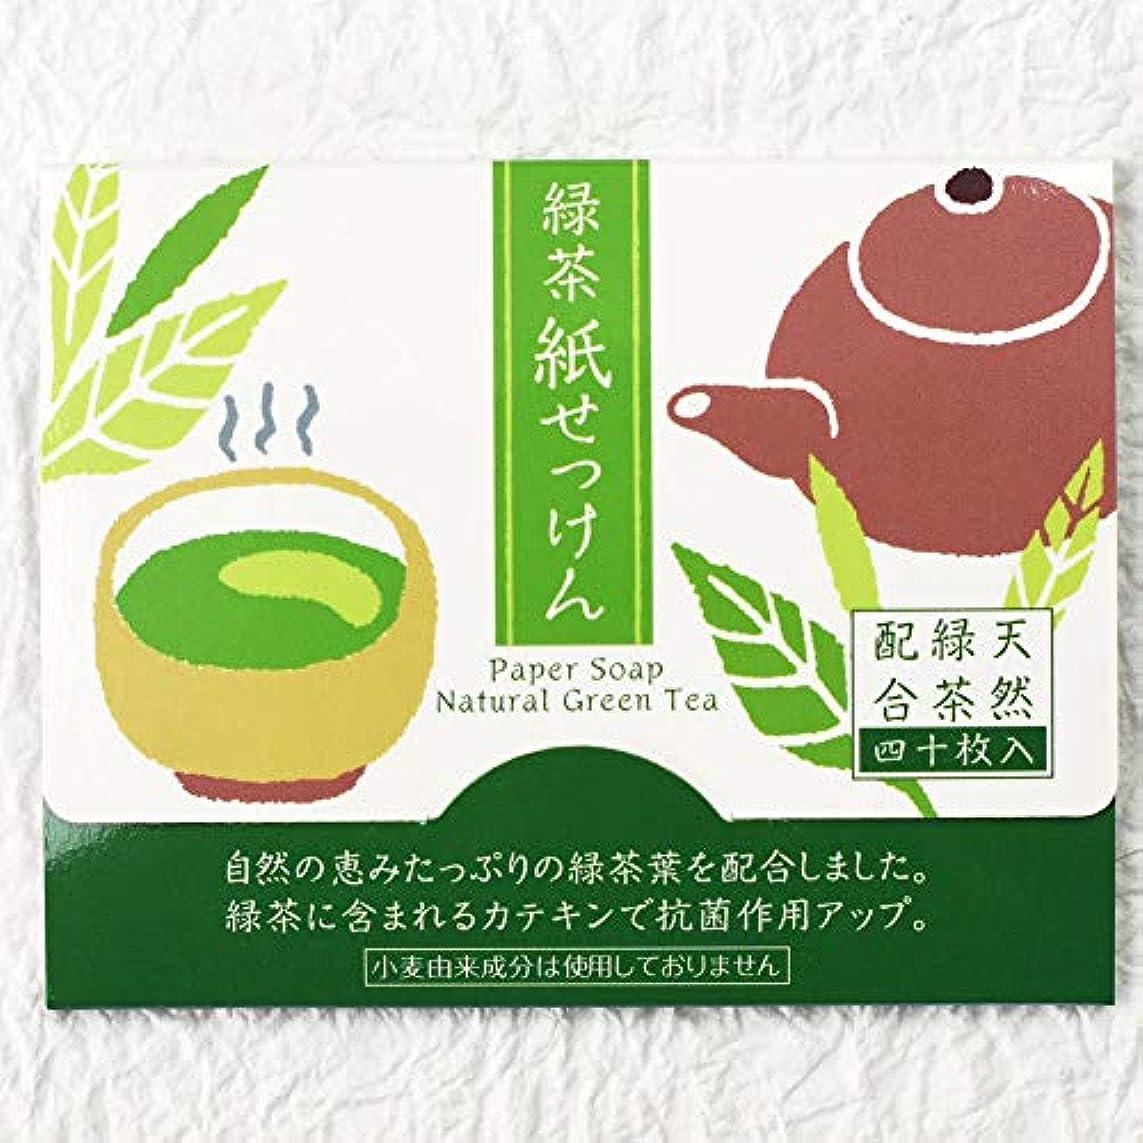 シリーズ奨学金ハチ表現社 紙せっけん 天然緑茶配合 22-289